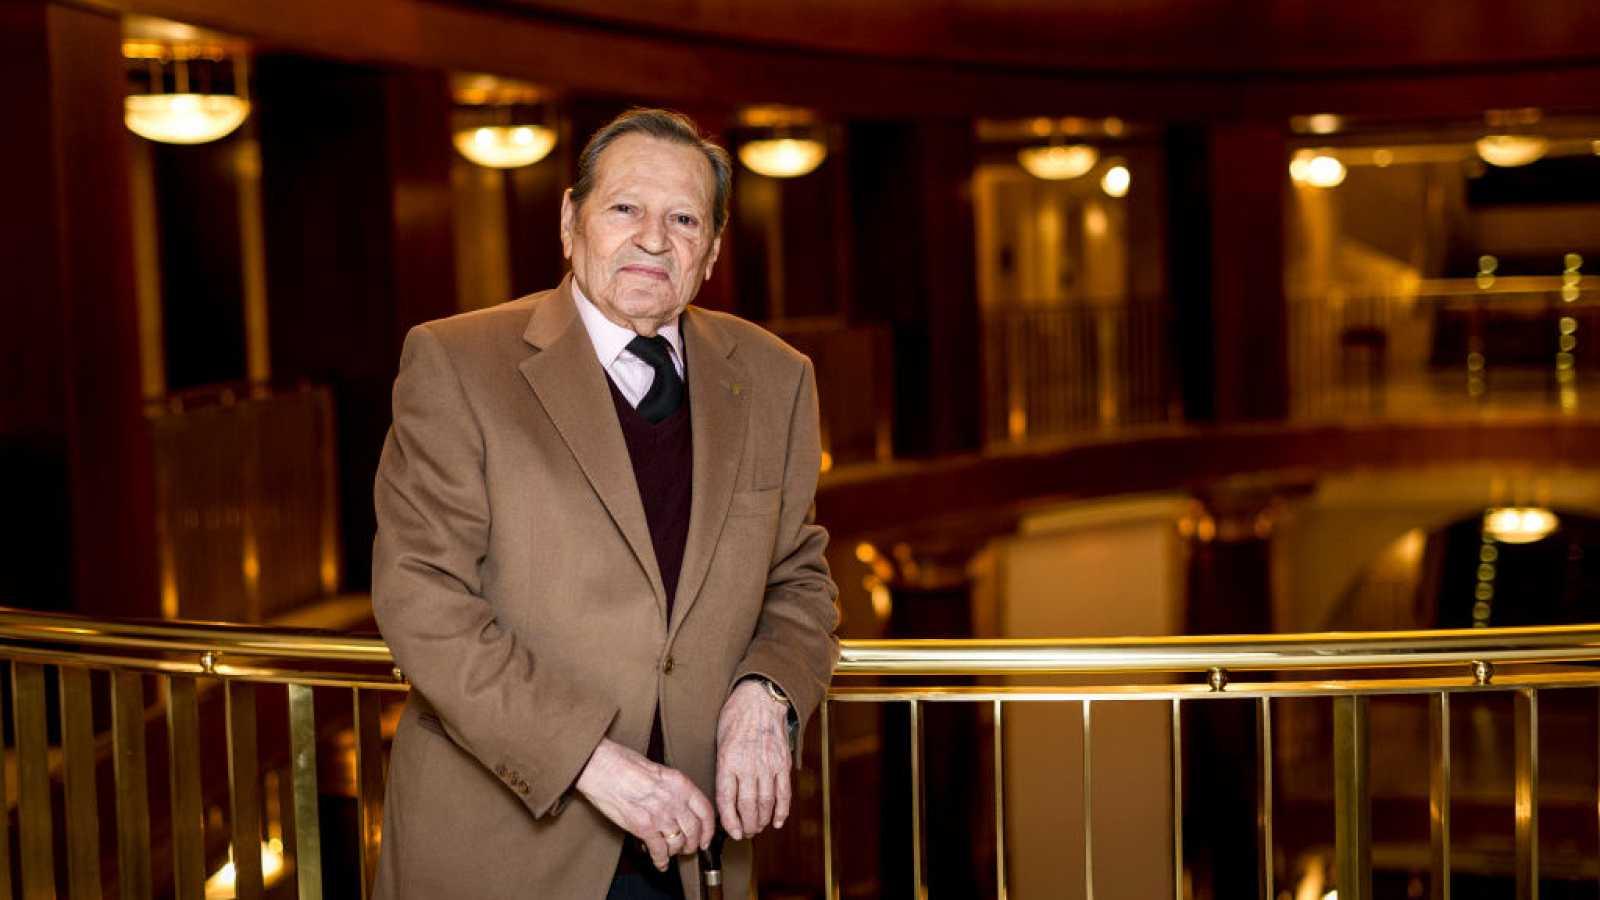 La zarzuela - Grandes voces de zarzuela: Pedro Lavirgen - 13/01/21 - escuchar ahora